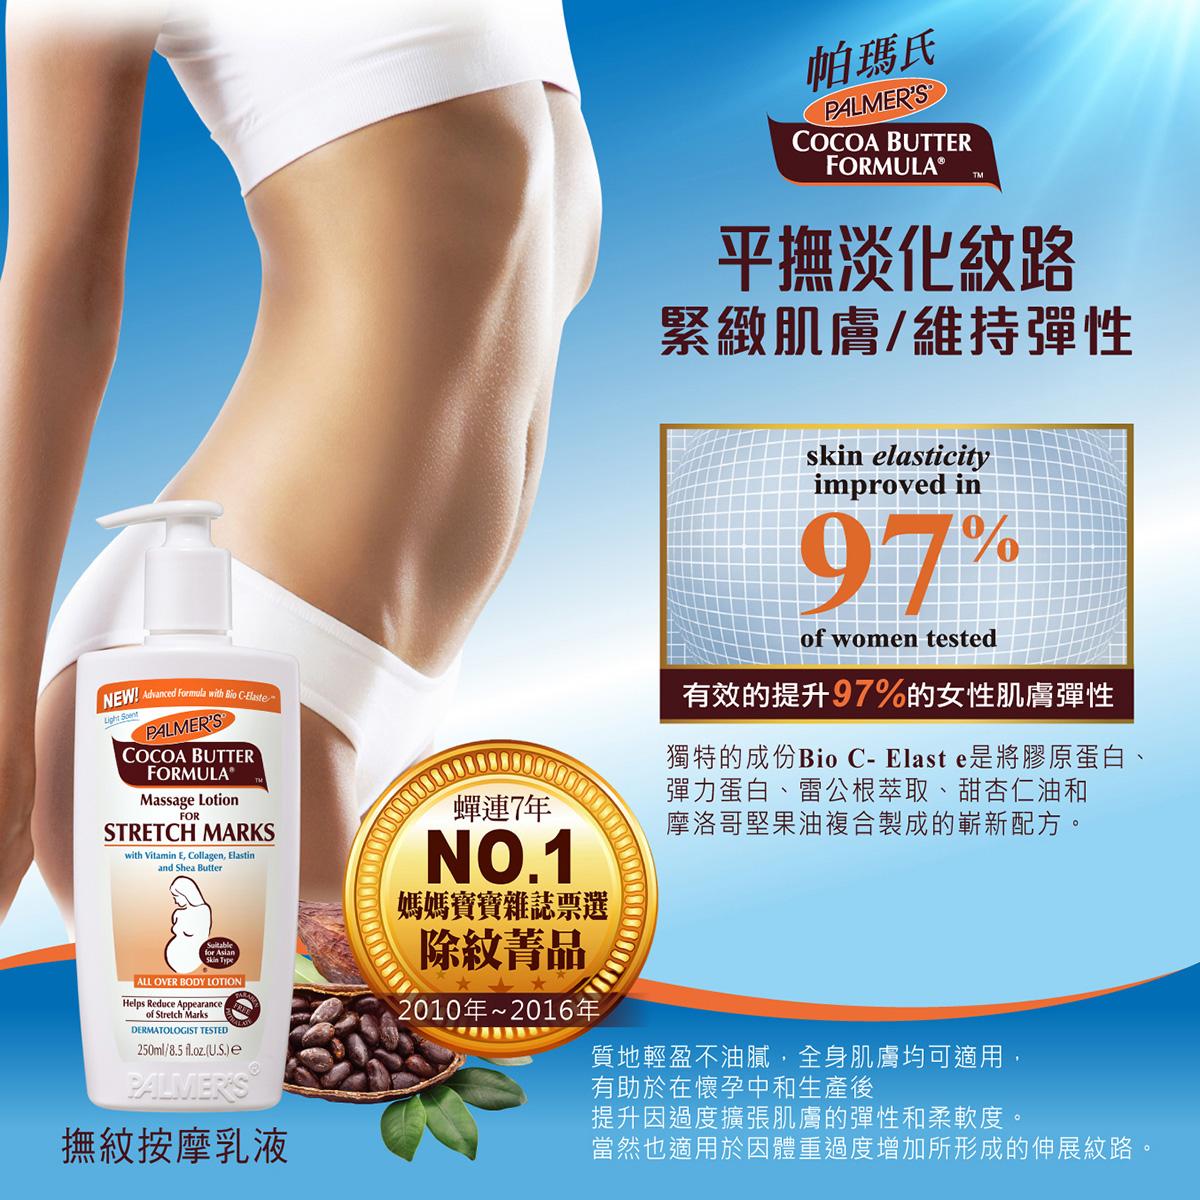 帕瑪氏 除紋按摩組乳液,平撫淡化紋路,緊緻肌膚,維持彈性,有效的提升97%的女性肌膚彈性。